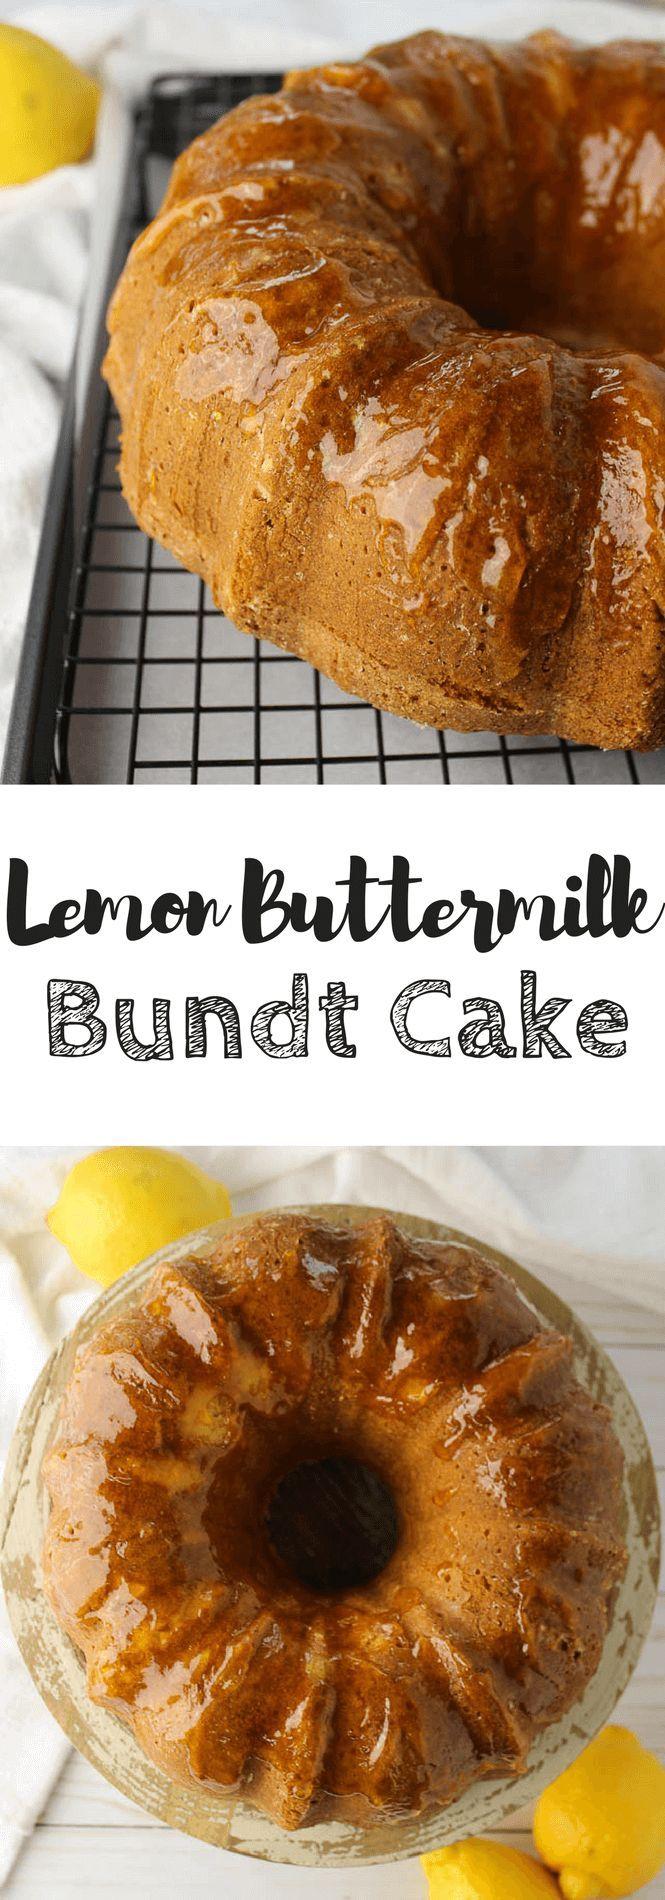 Lemon Buttermilk Bundt Cake Simply Made Recipes Recipe Yummy Food Dessert Dessert Recipes Easy Delicious Cake Recipes